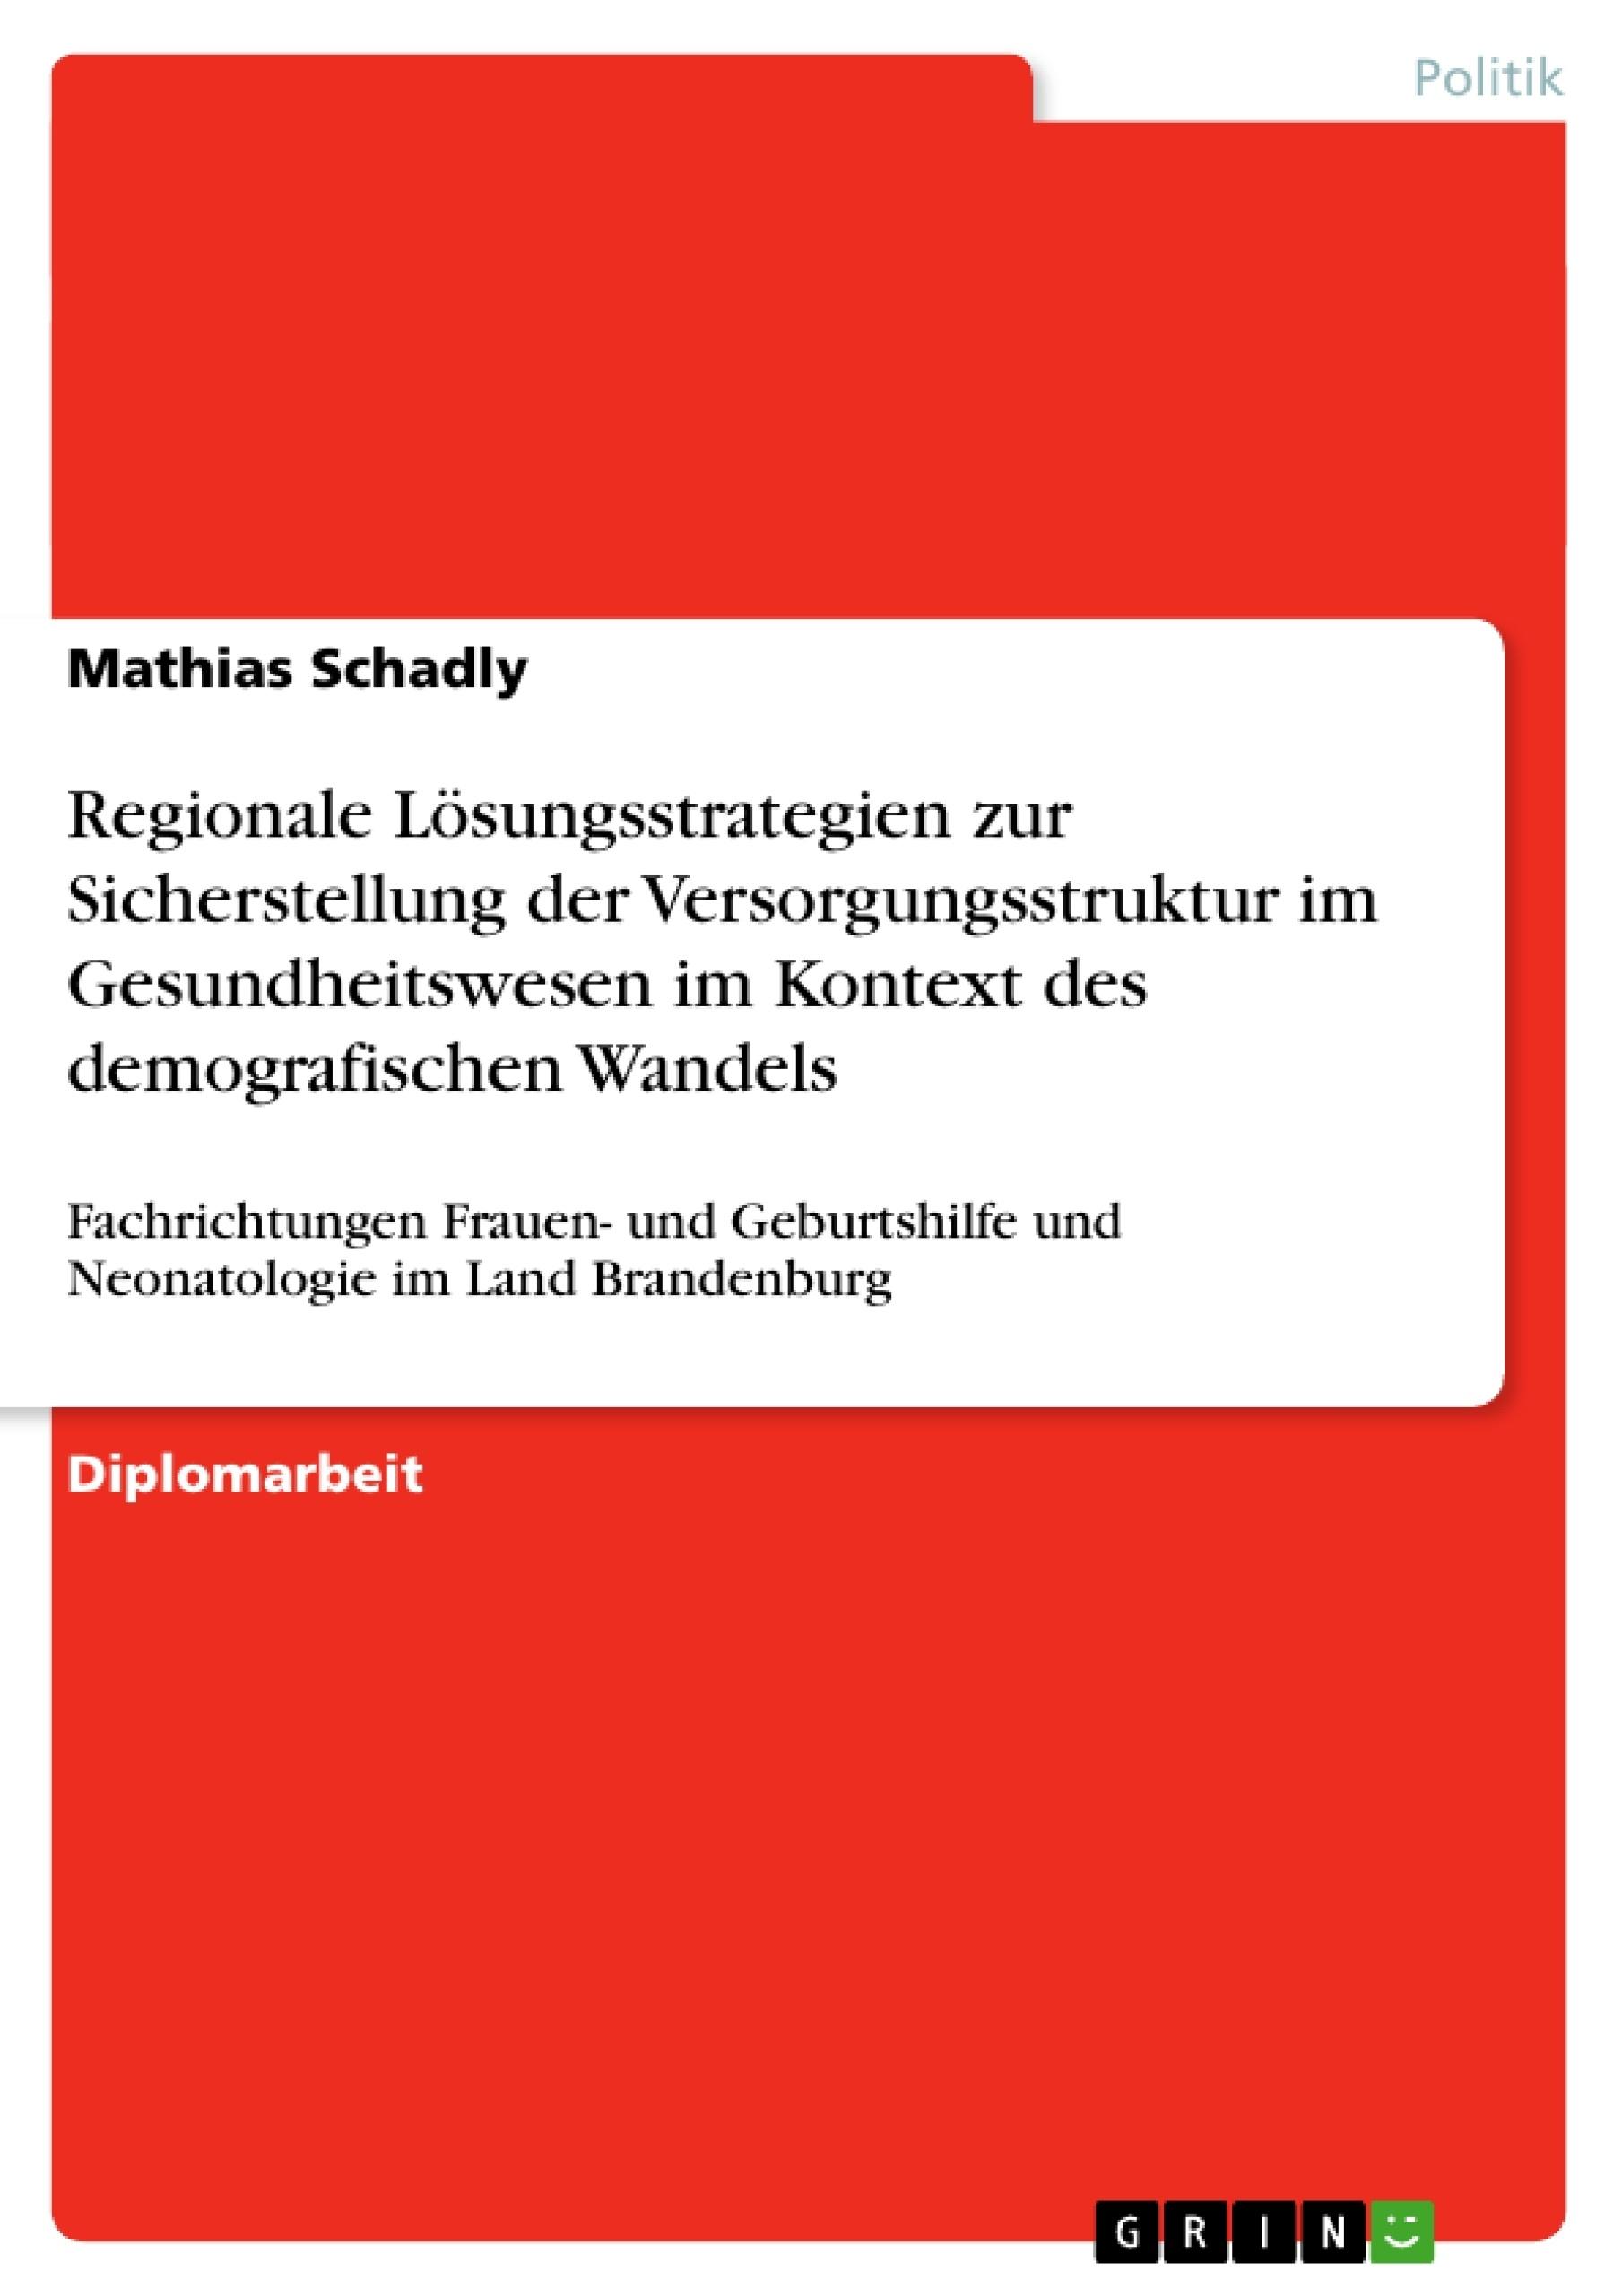 Titel: Regionale Lösungsstrategien zur Sicherstellung der Versorgungsstruktur im Gesundheitswesen im Kontext des demografischen Wandels